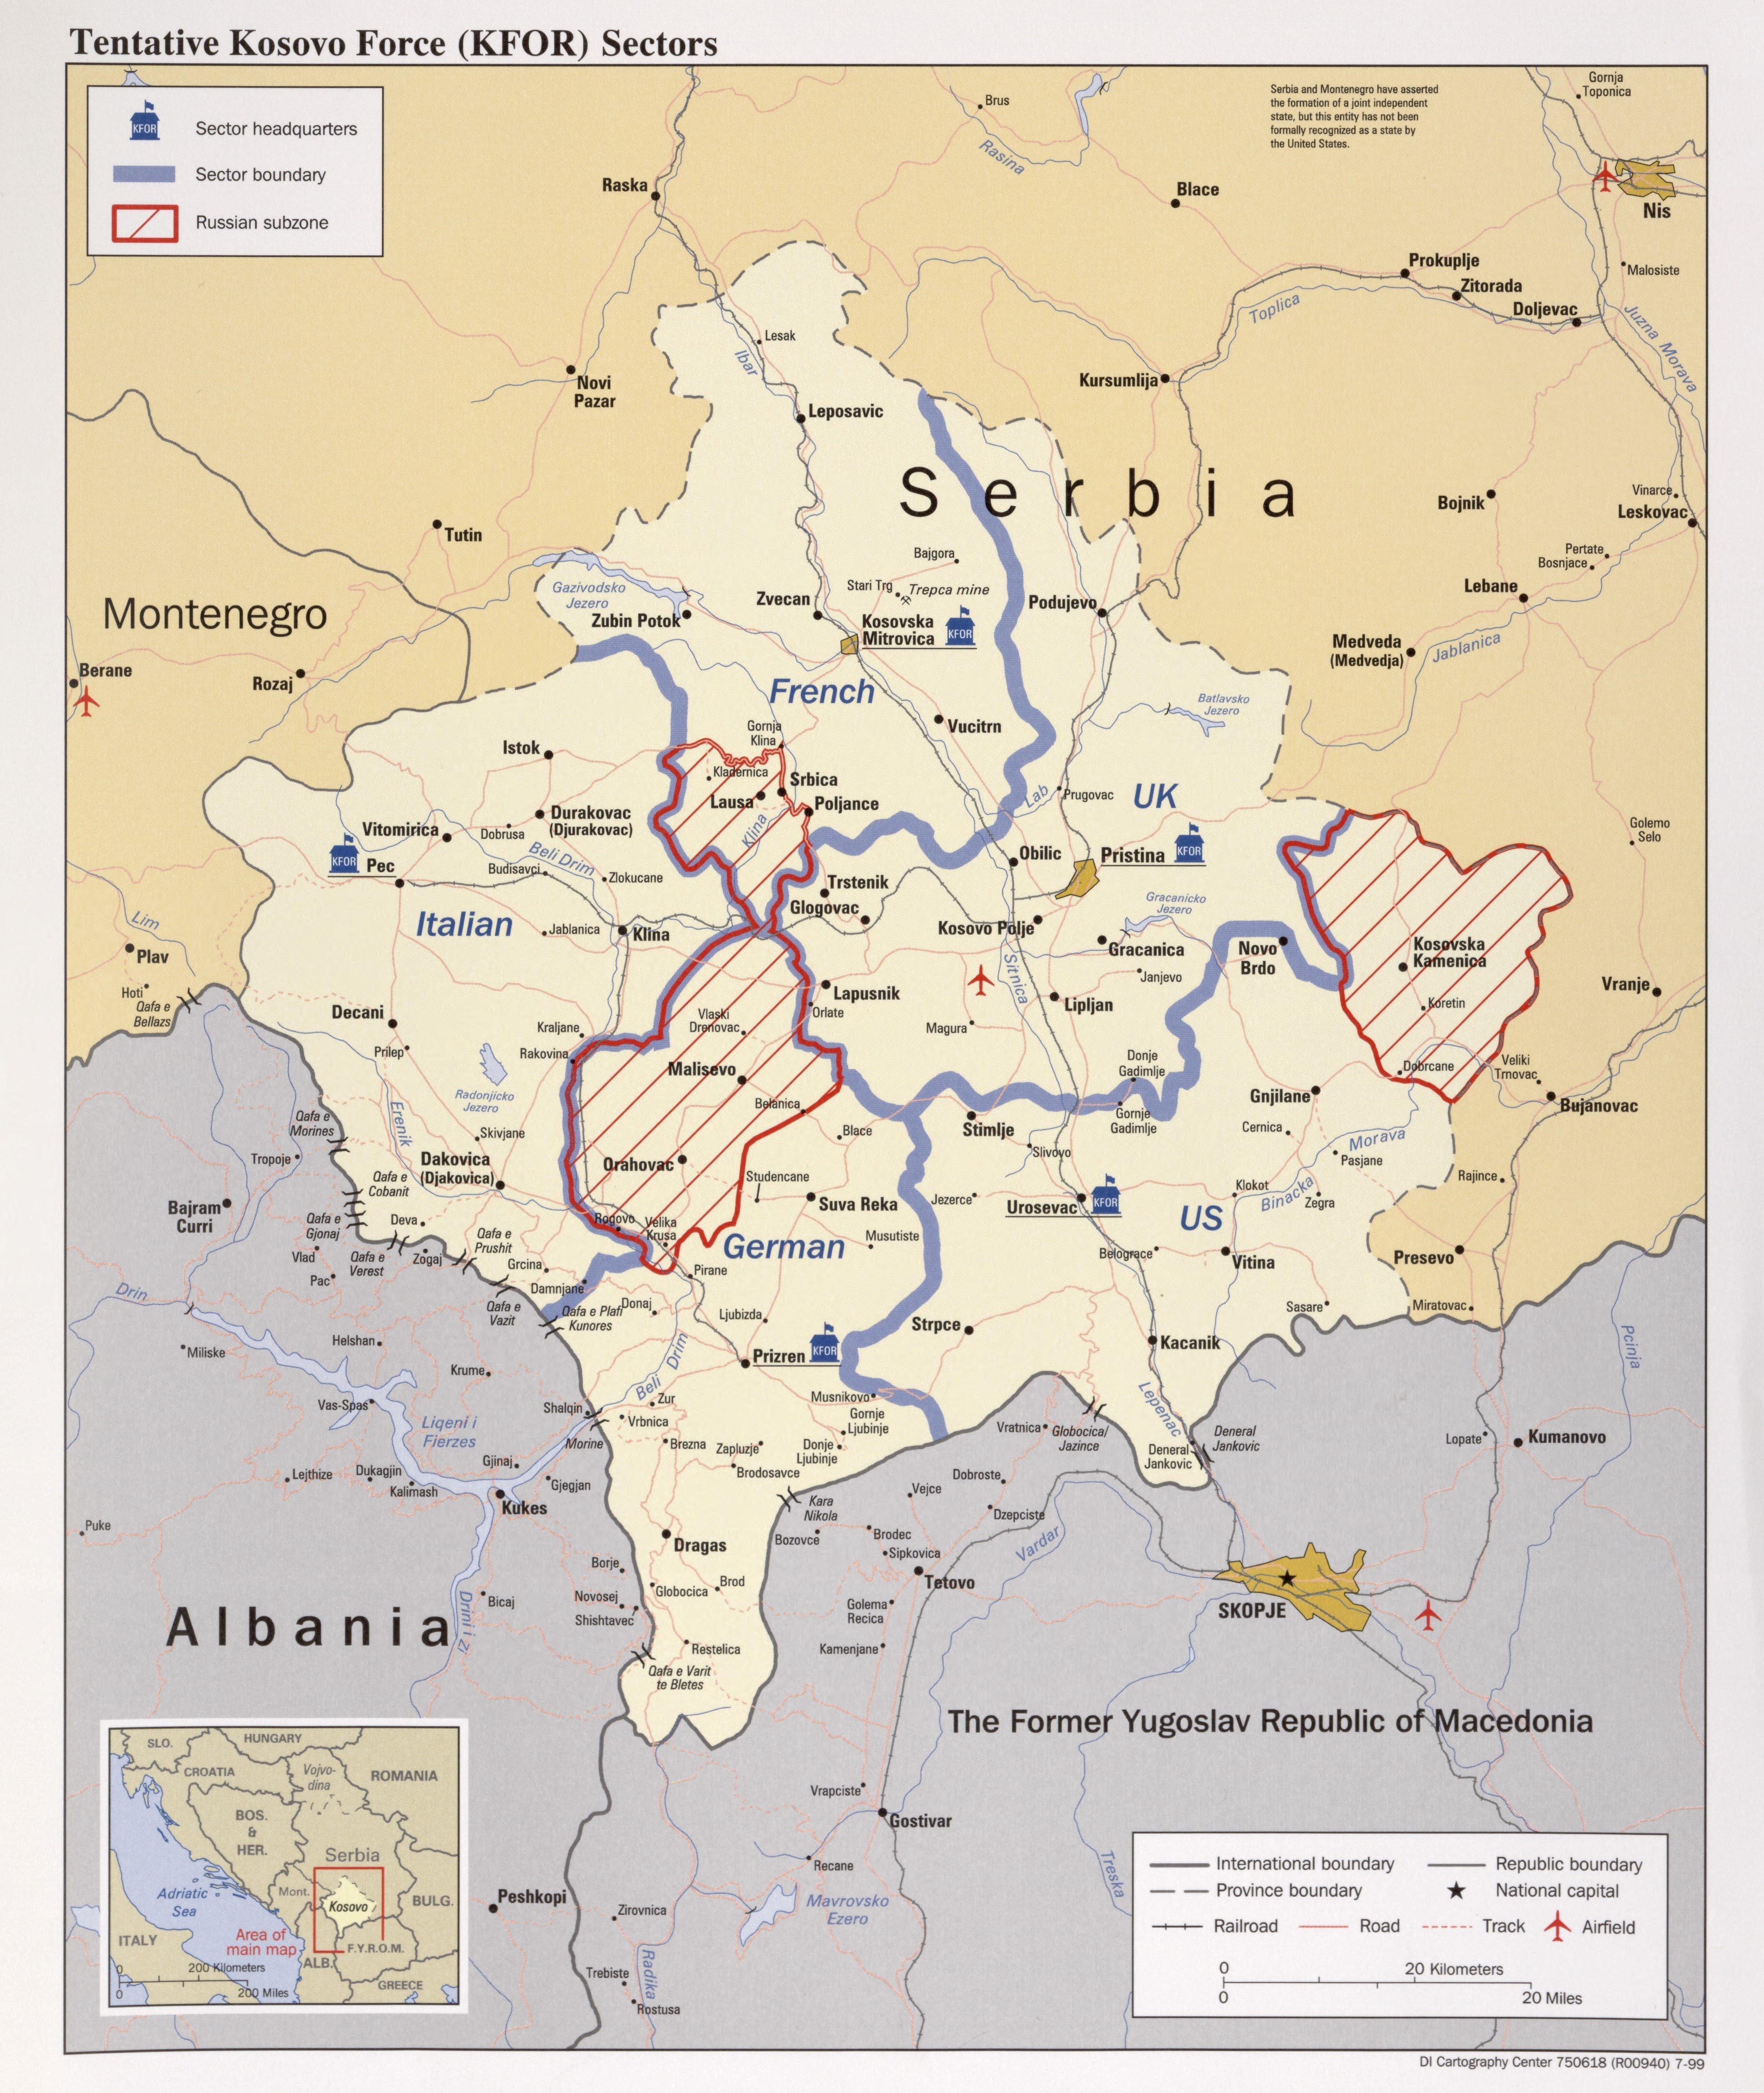 Les positions des Forces pour le Kosovo, 1999